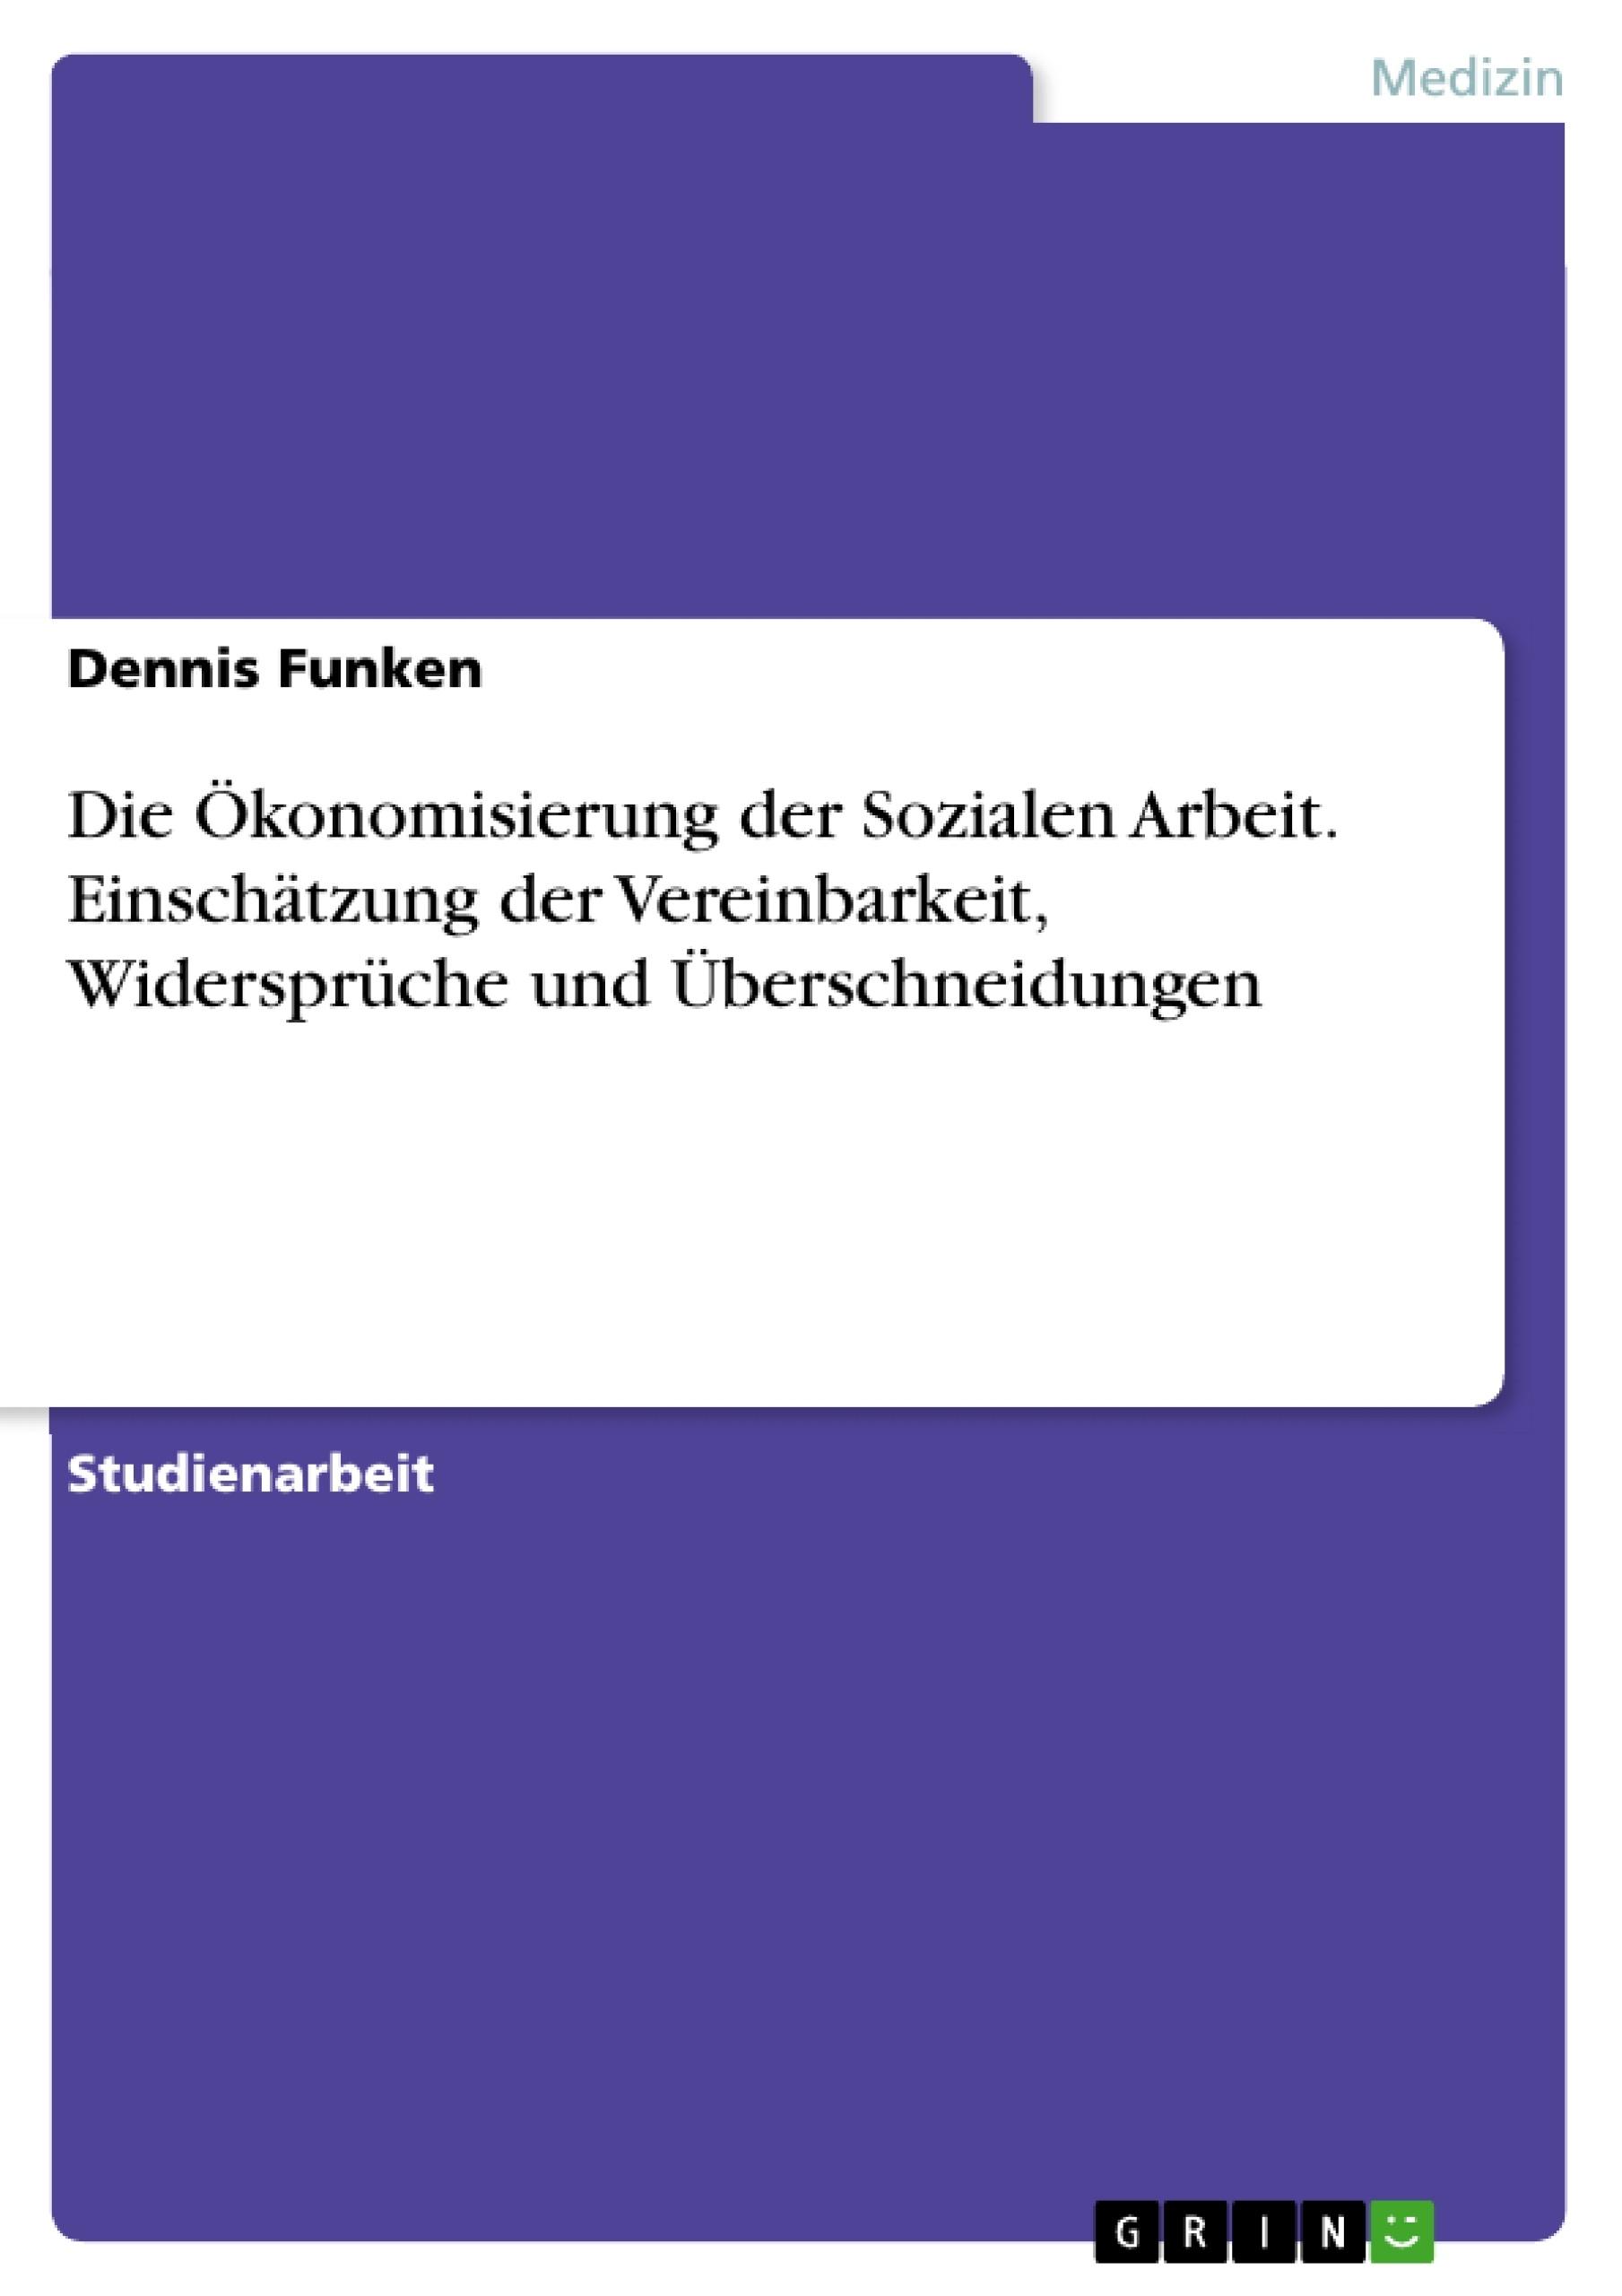 Titel: Die Ökonomisierung der Sozialen Arbeit. Einschätzung der Vereinbarkeit, Widersprüche und Überschneidungen